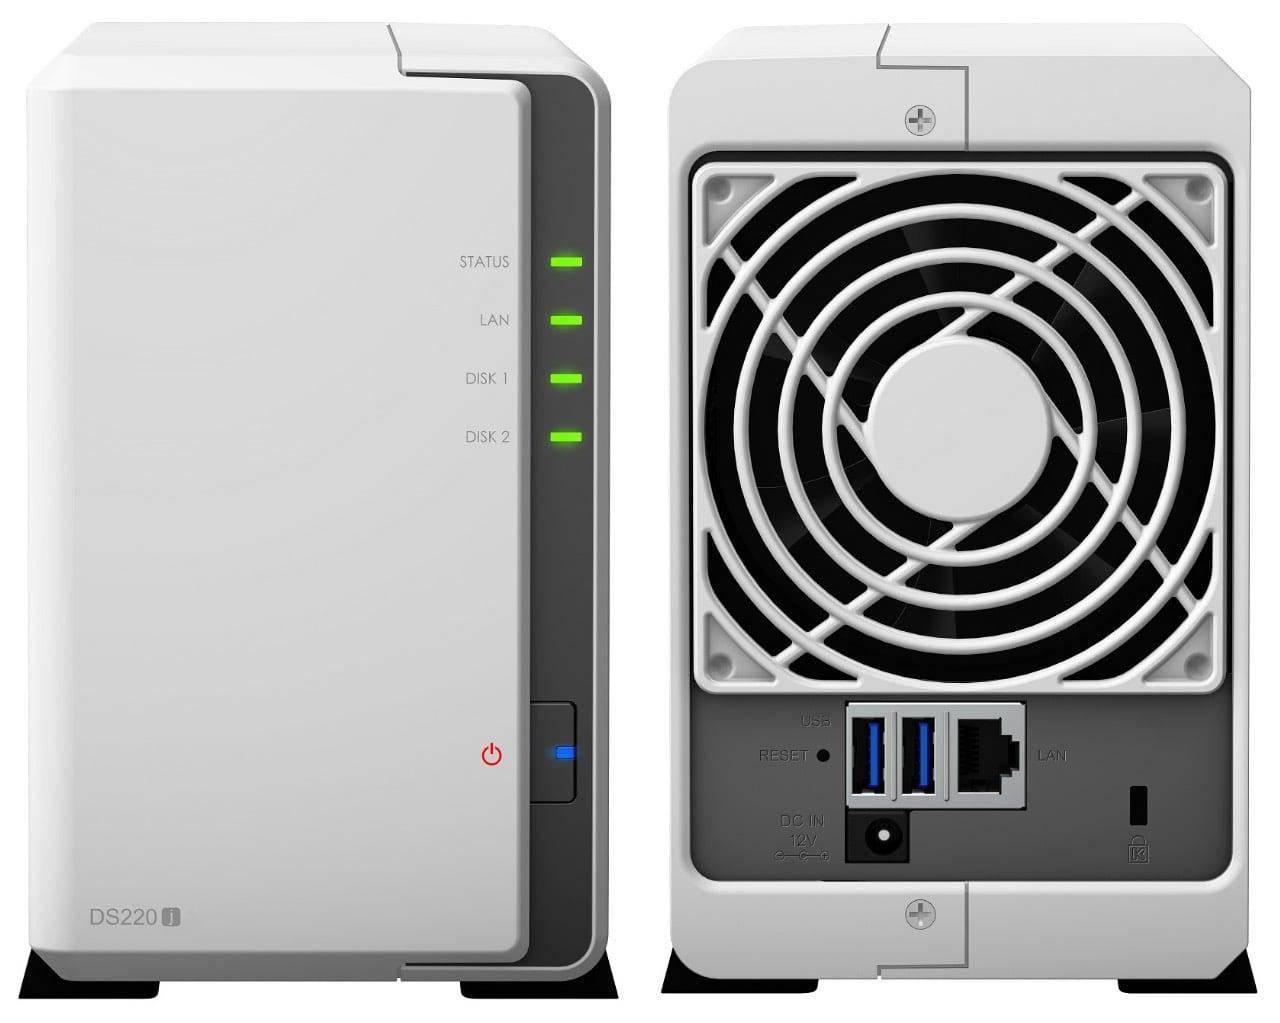 Synology ra mắt Diskstation DS220J, hỗ trợ lưu trữ đến 32TB